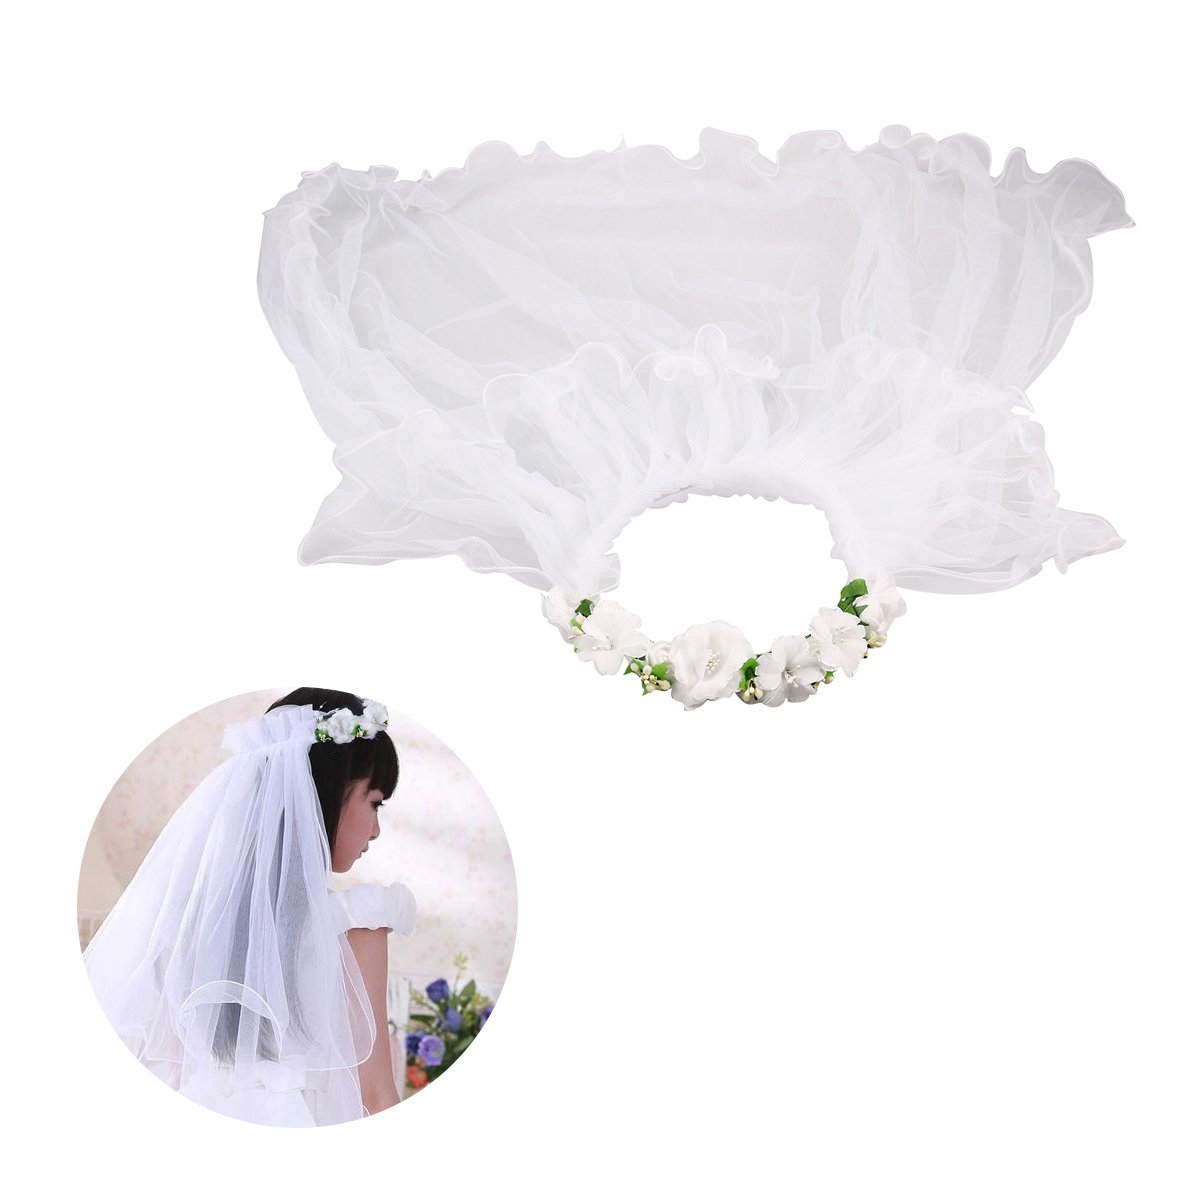 BESTOYARD Mädchen Hochzeitsschleier Erste Kommunion Schleier Hochzeit Blume Krone Kranz (weiß)